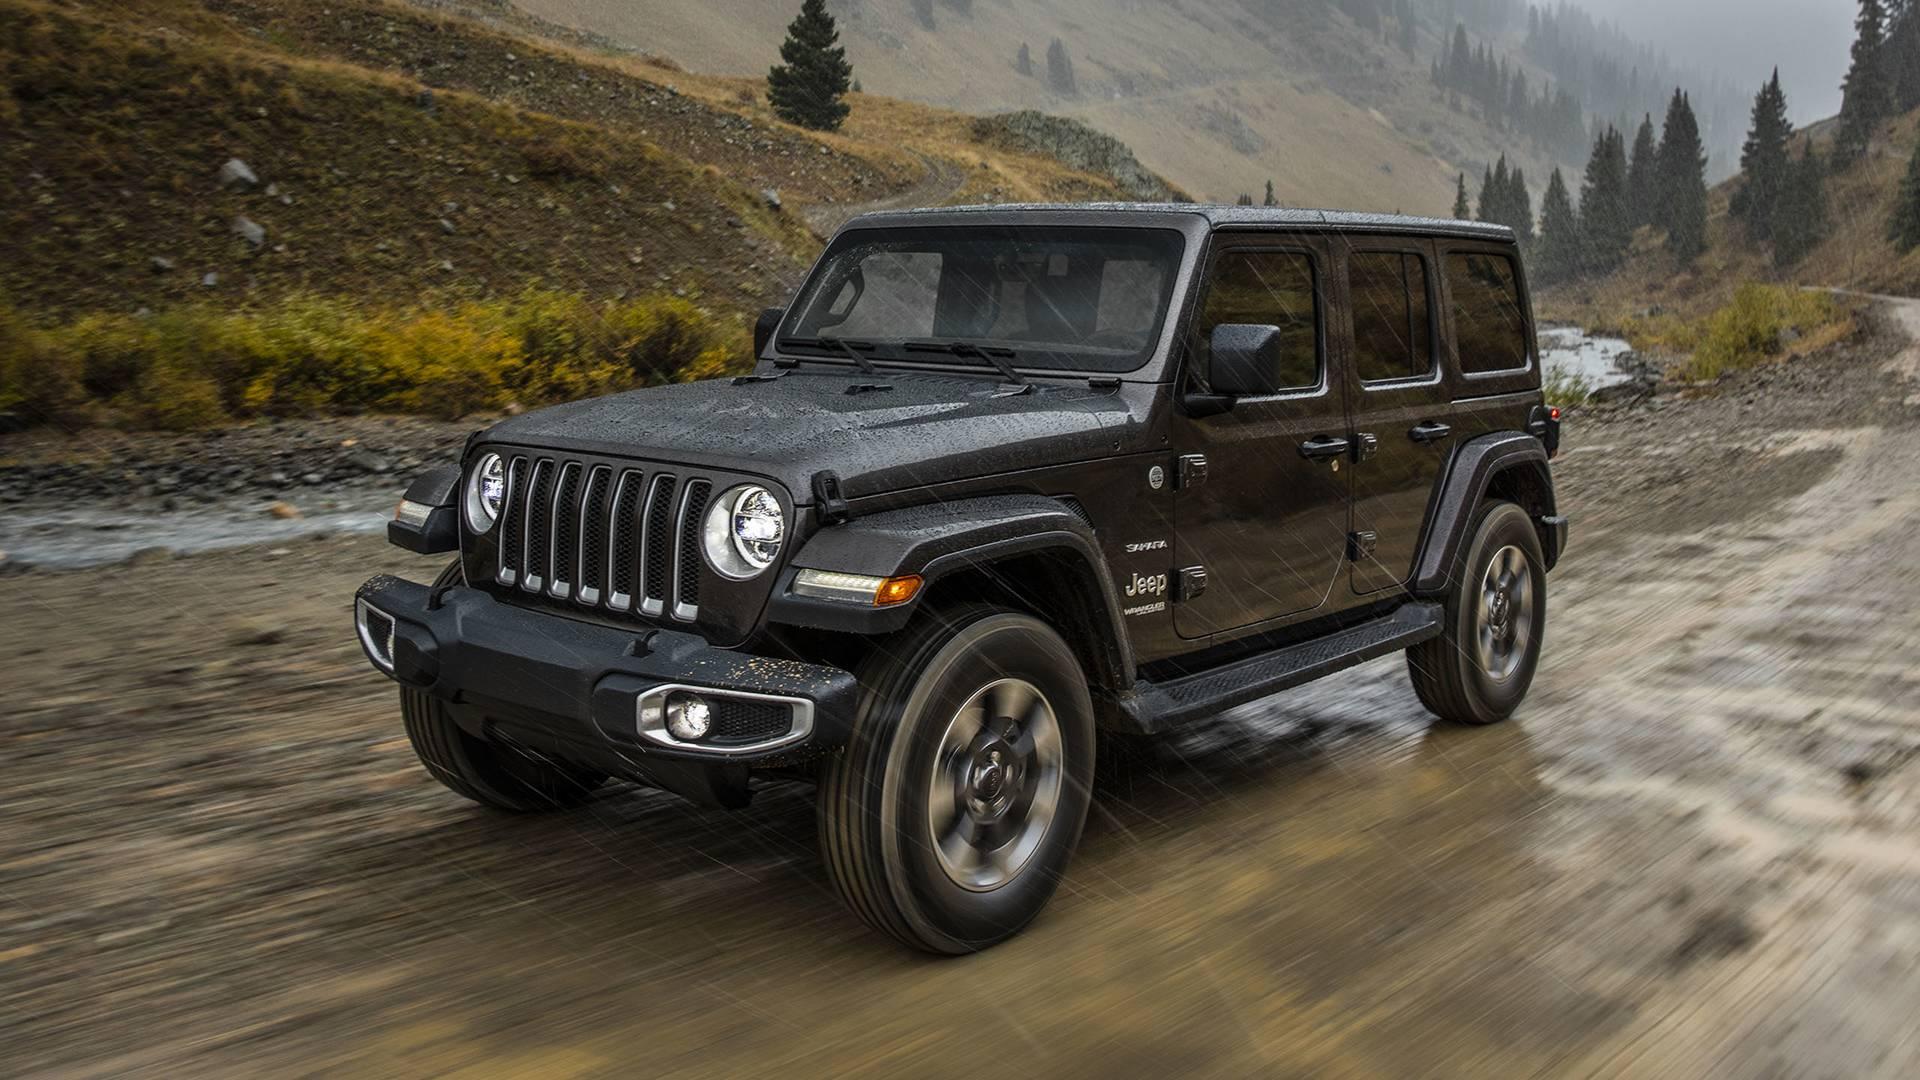 Mais Vendidos Nos Eua Novo Jeep Wrangler Vende Mais Do Que Civic